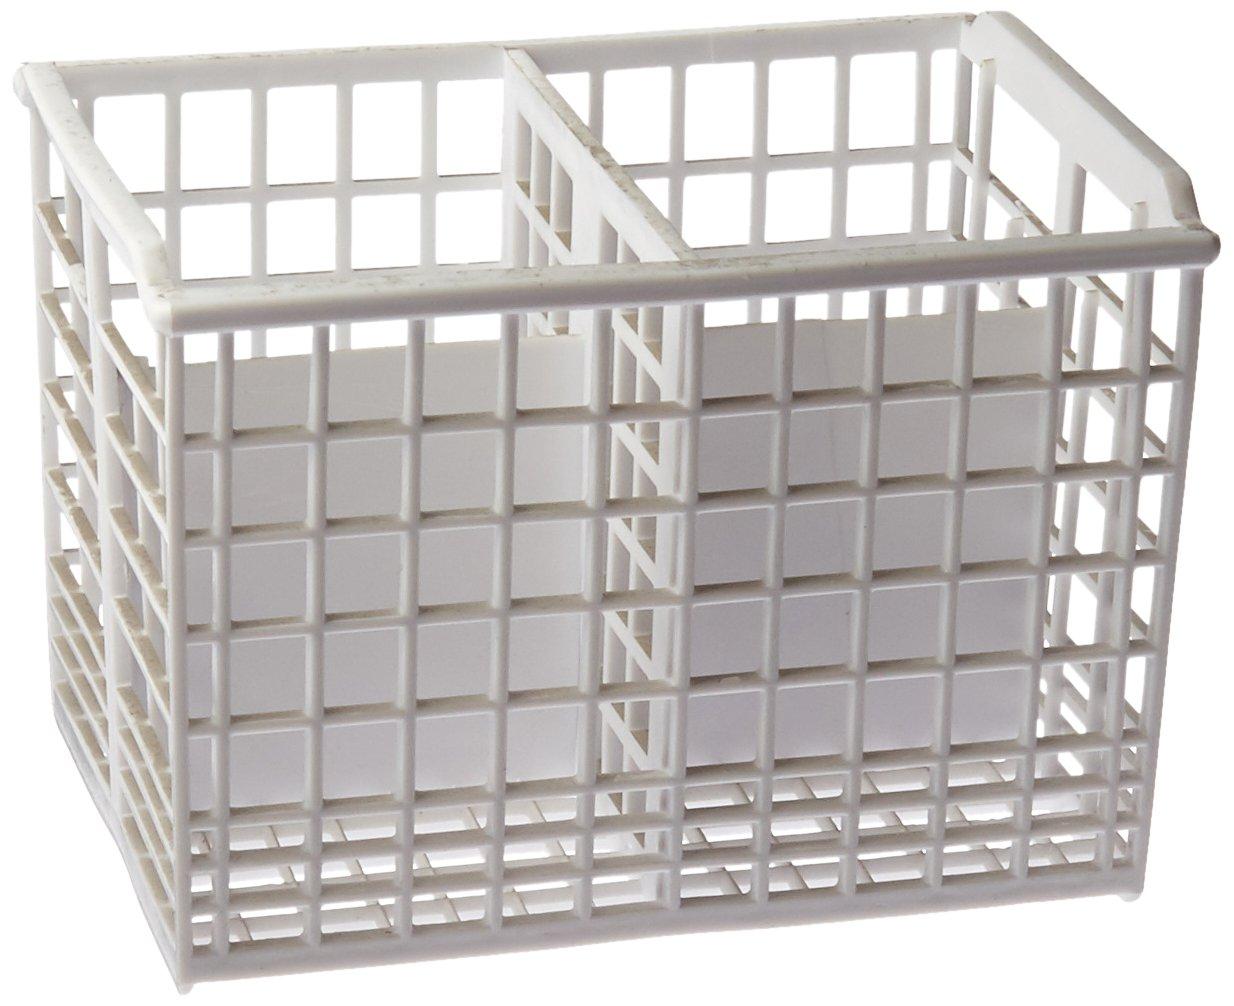 Frigidaire 5300808845 Dishwasher Silverware Basket